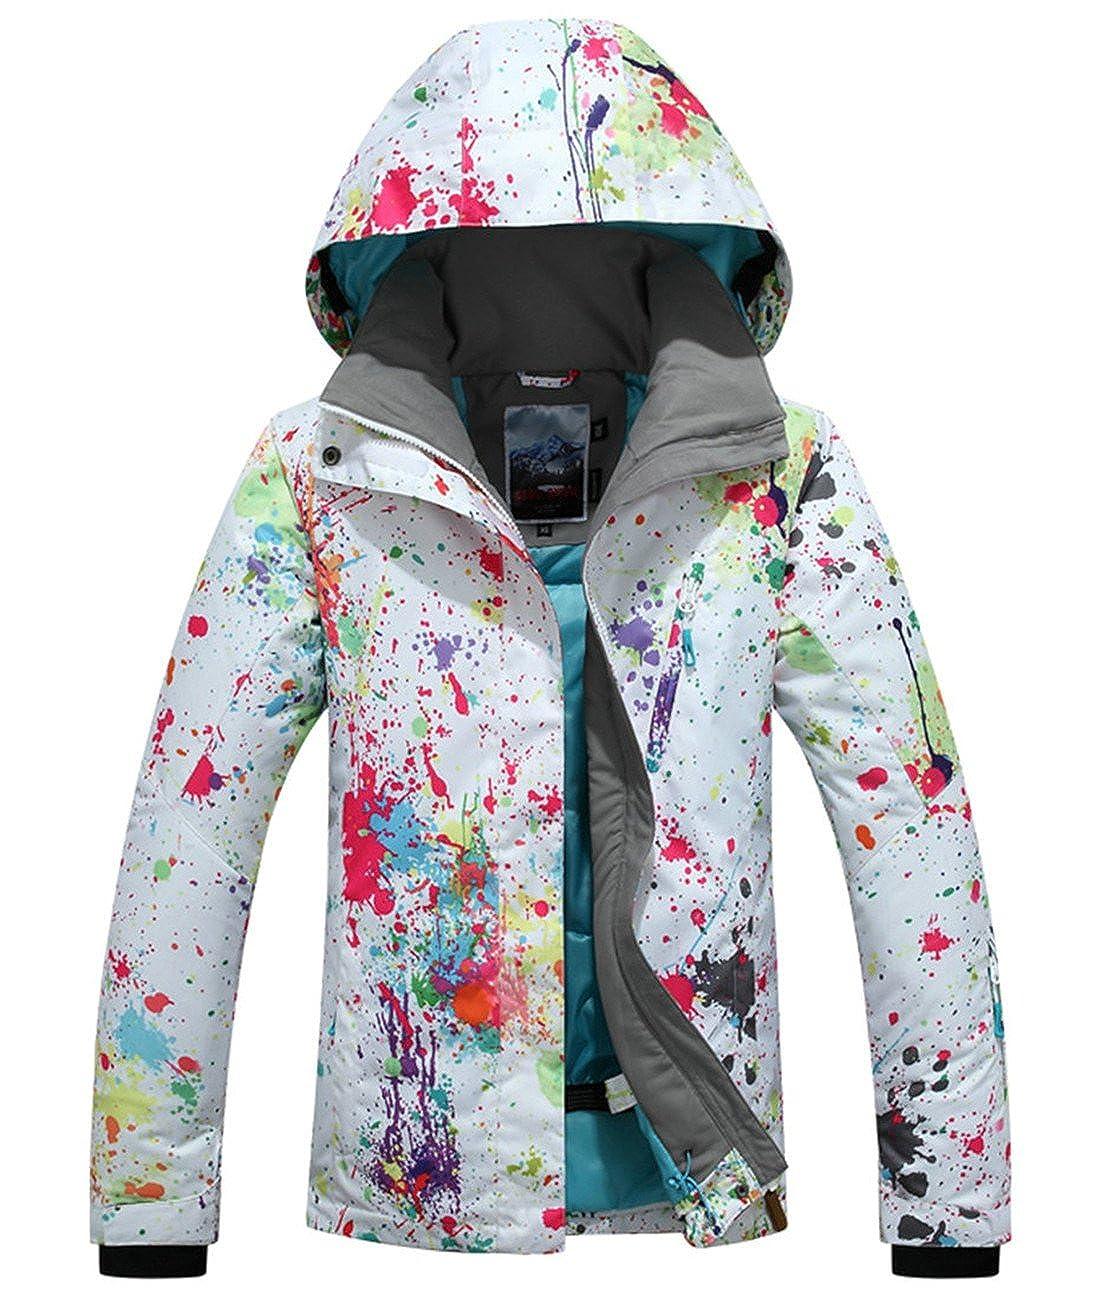 APTRO レディース スキージャケット スキーウェア 高い防風性 カラフルなプリント B01N2TU6VM Small|Style #896 Style #896 Small